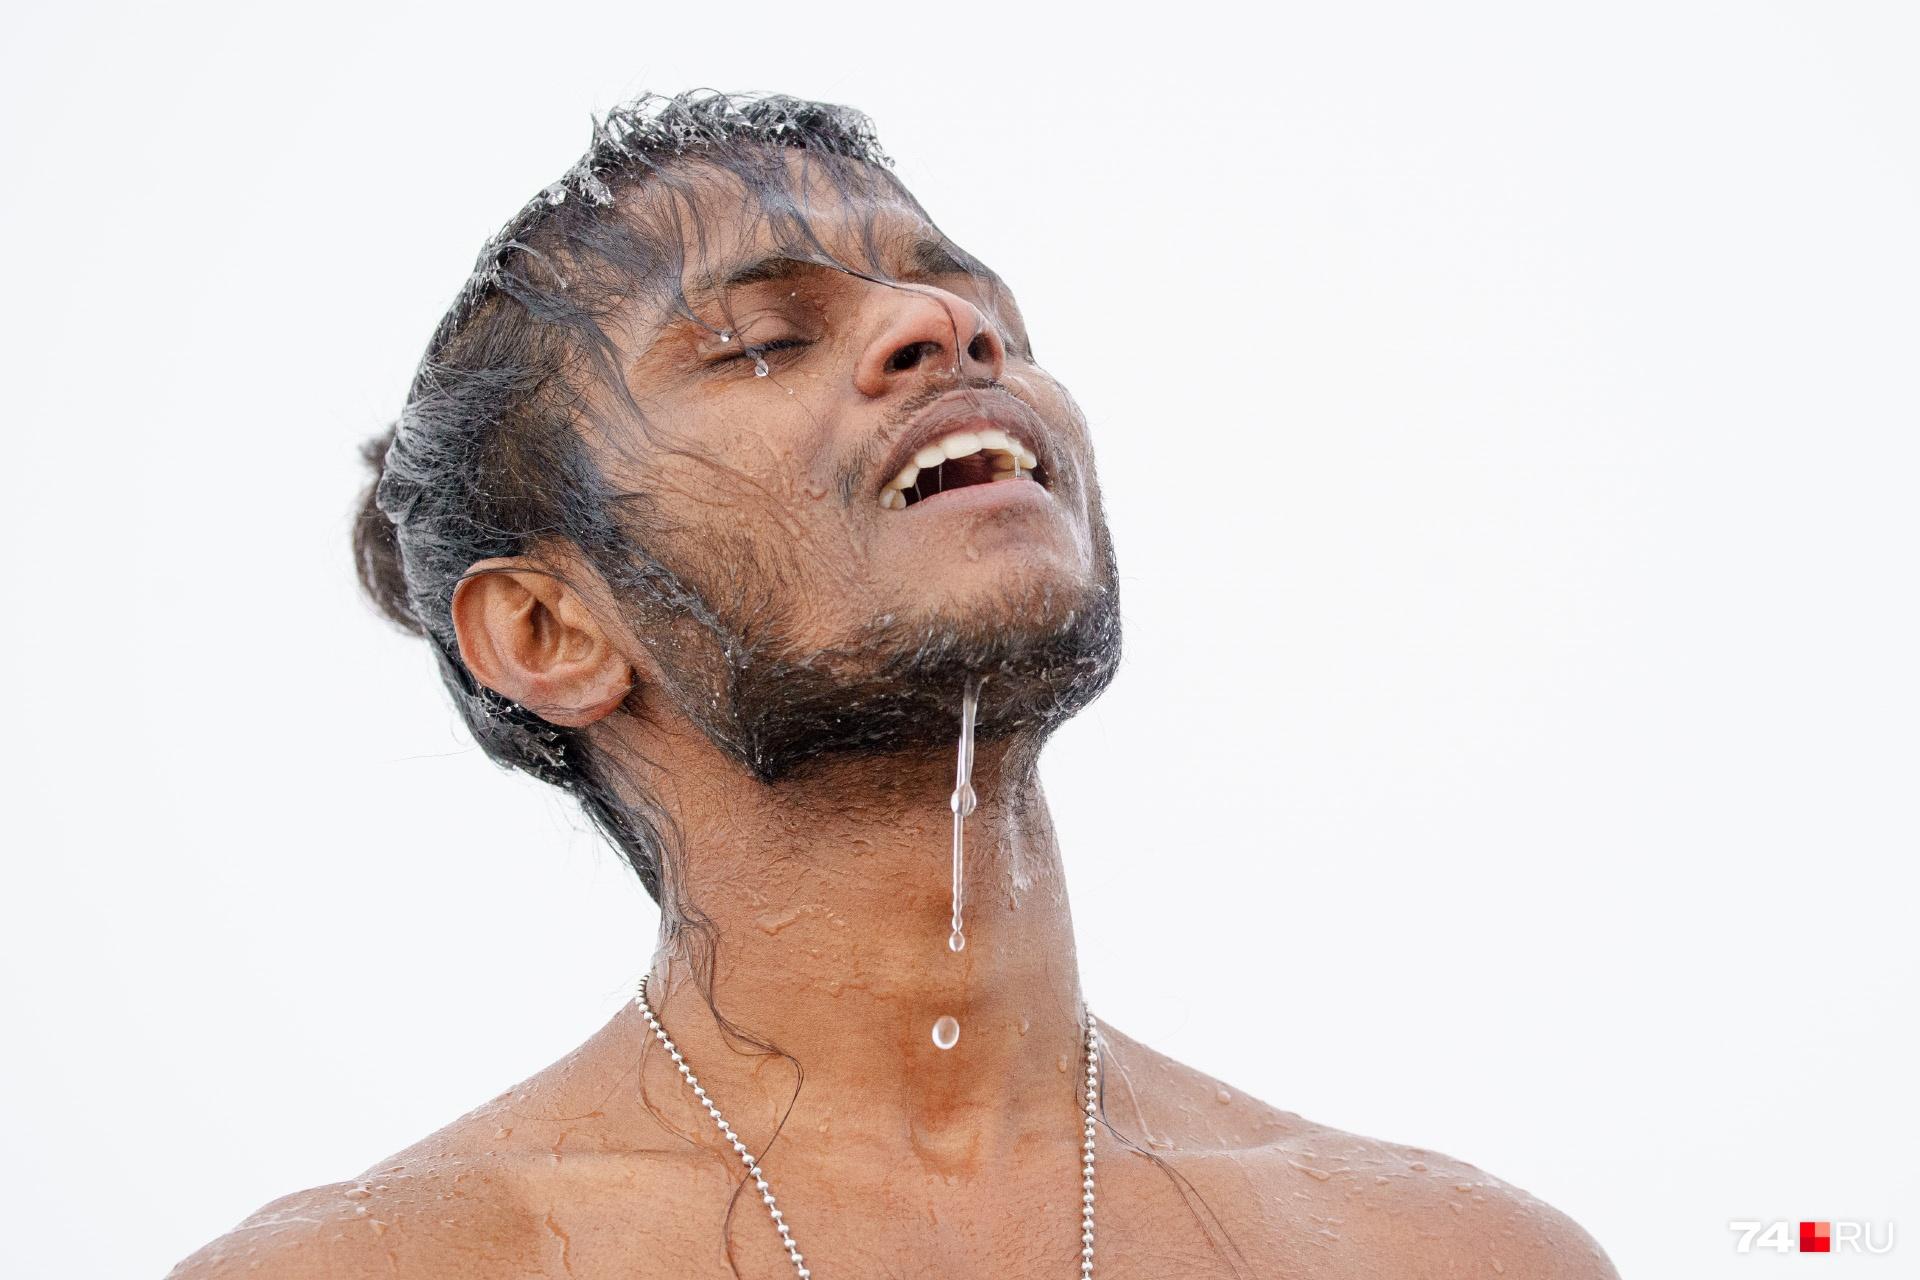 По счастливому лицу понятно, крещенские воды действуют благотворно, главное — правильный настрой